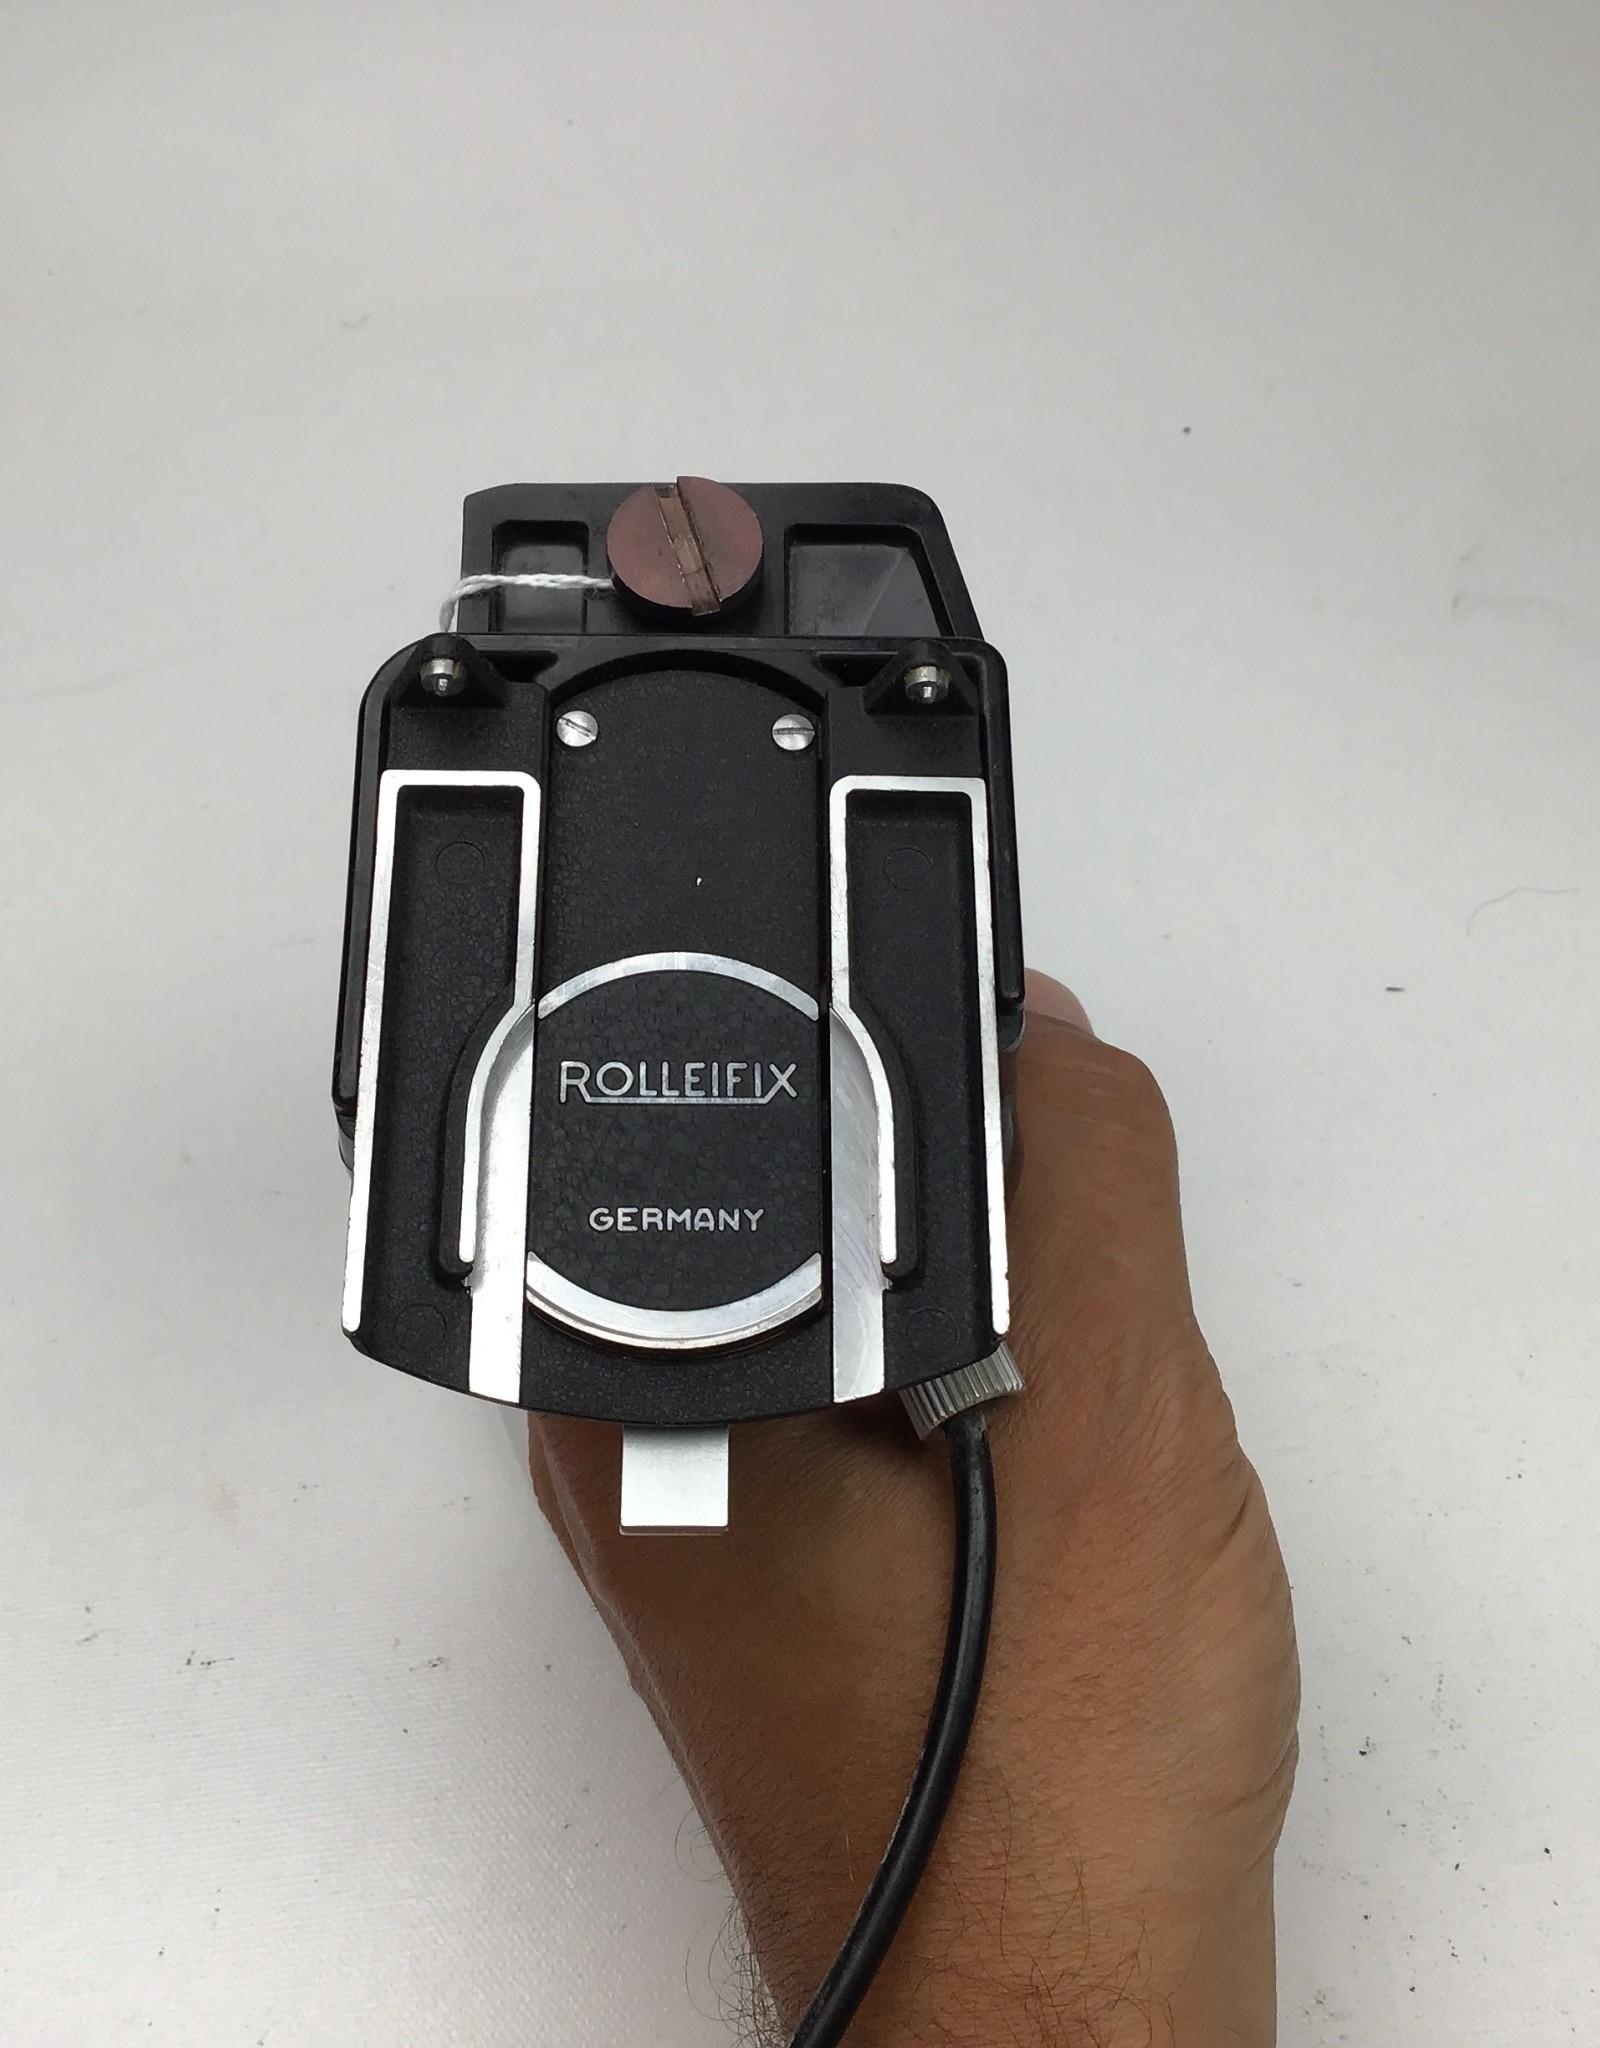 Rolleiflex Rolleiflex Pistol Grip Used Good